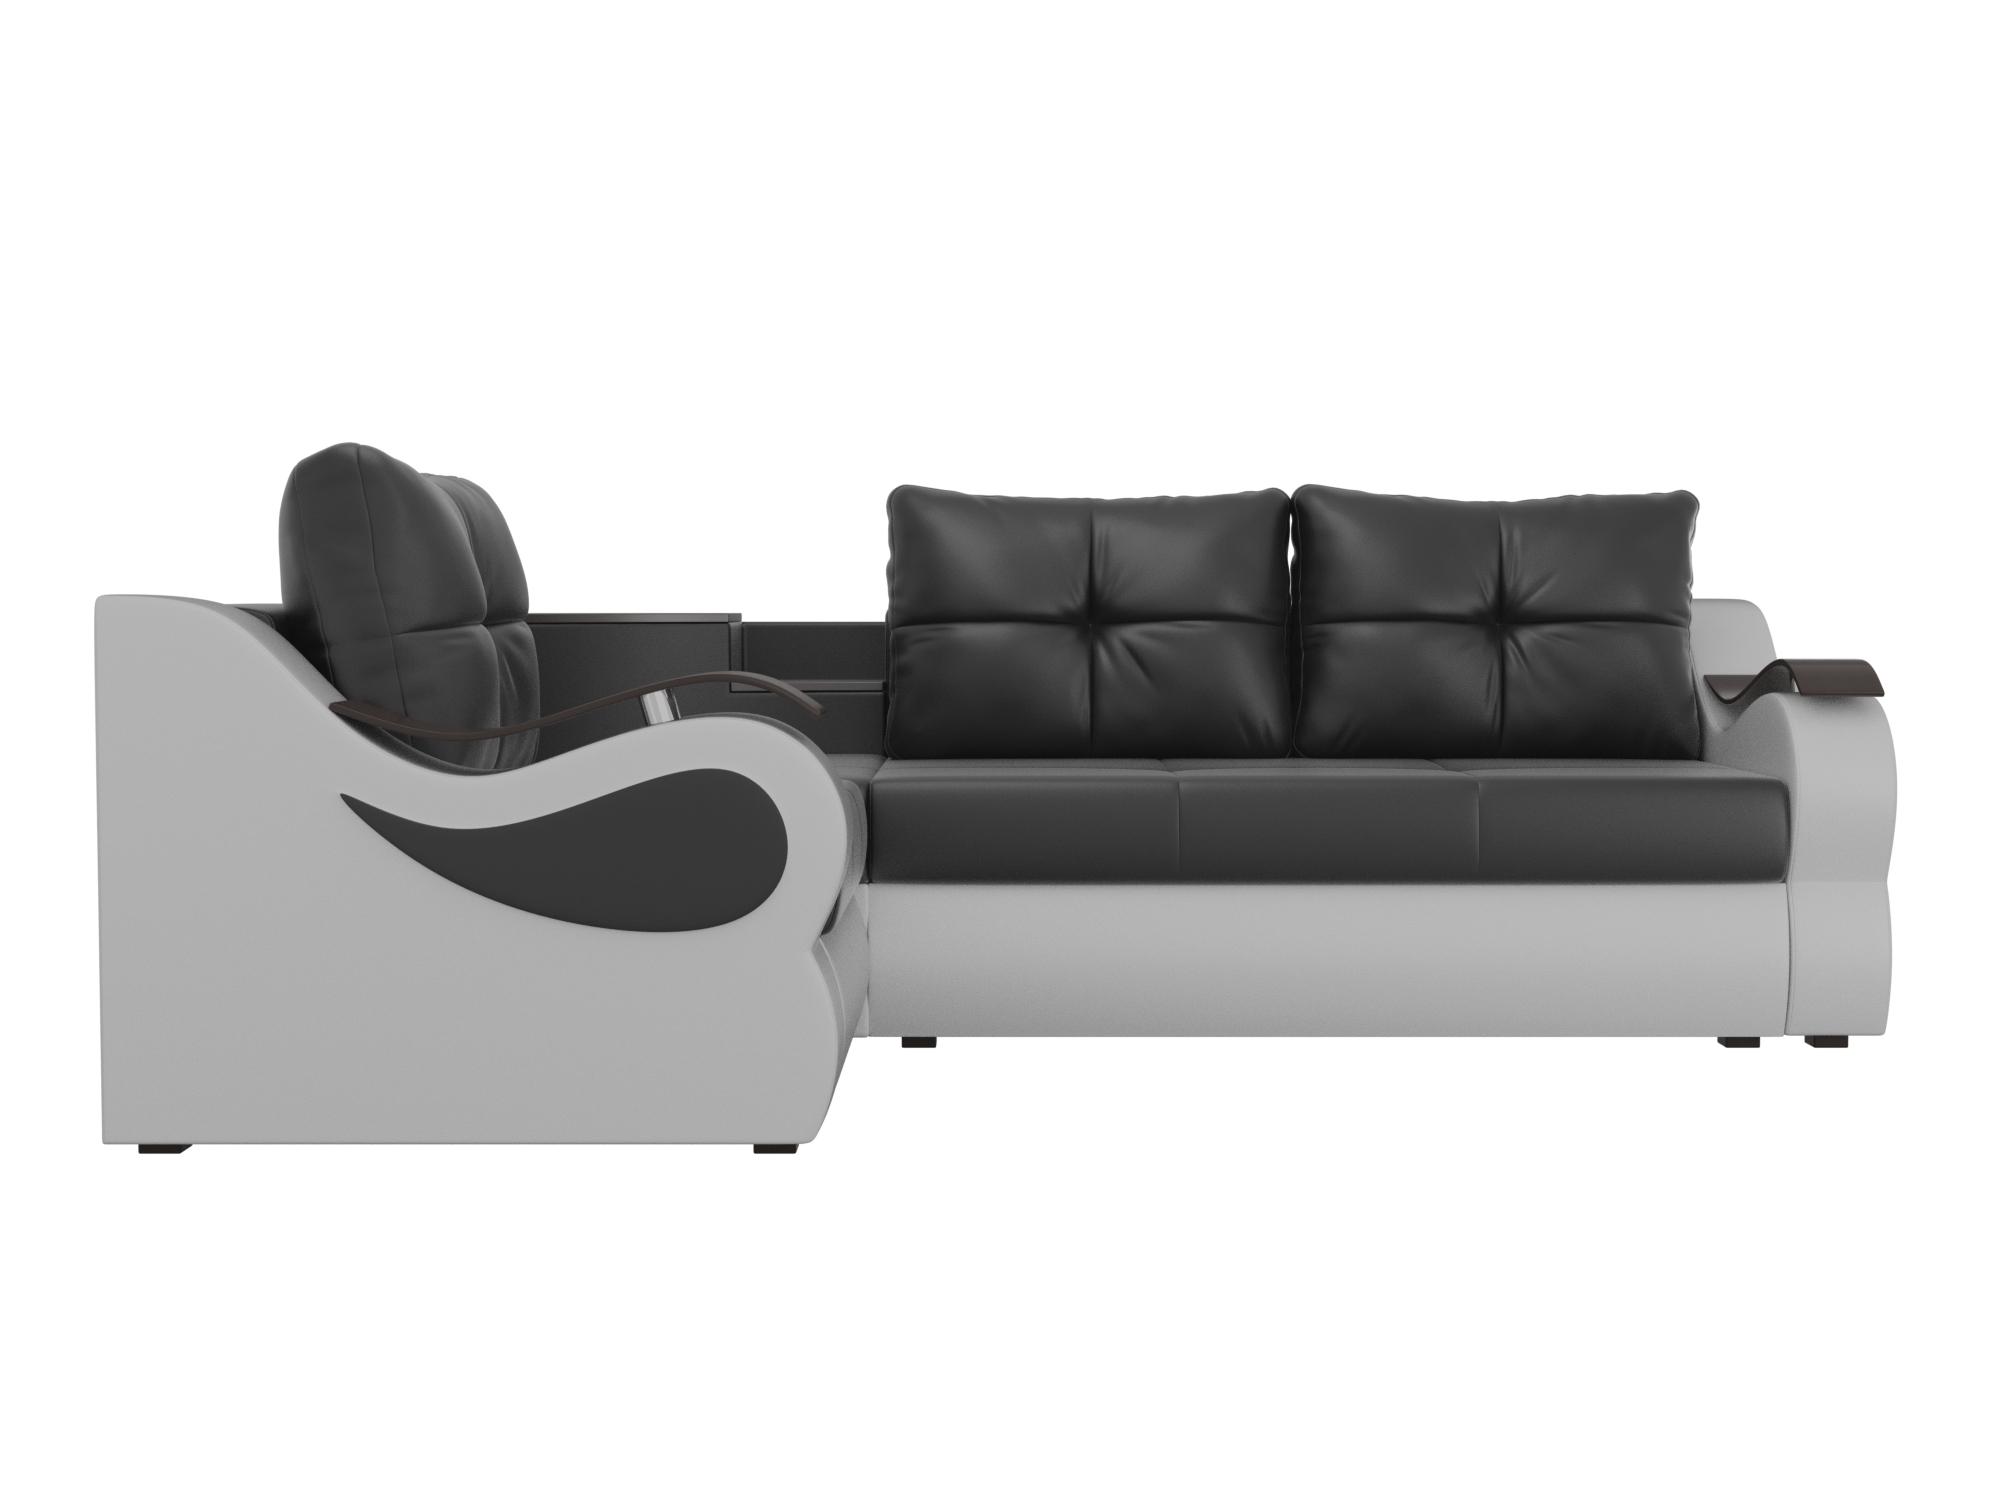 Угловой диван Митчелл Левый MebelVia Черный, Белый, Экокожа, ЛДСП Белый, Черный